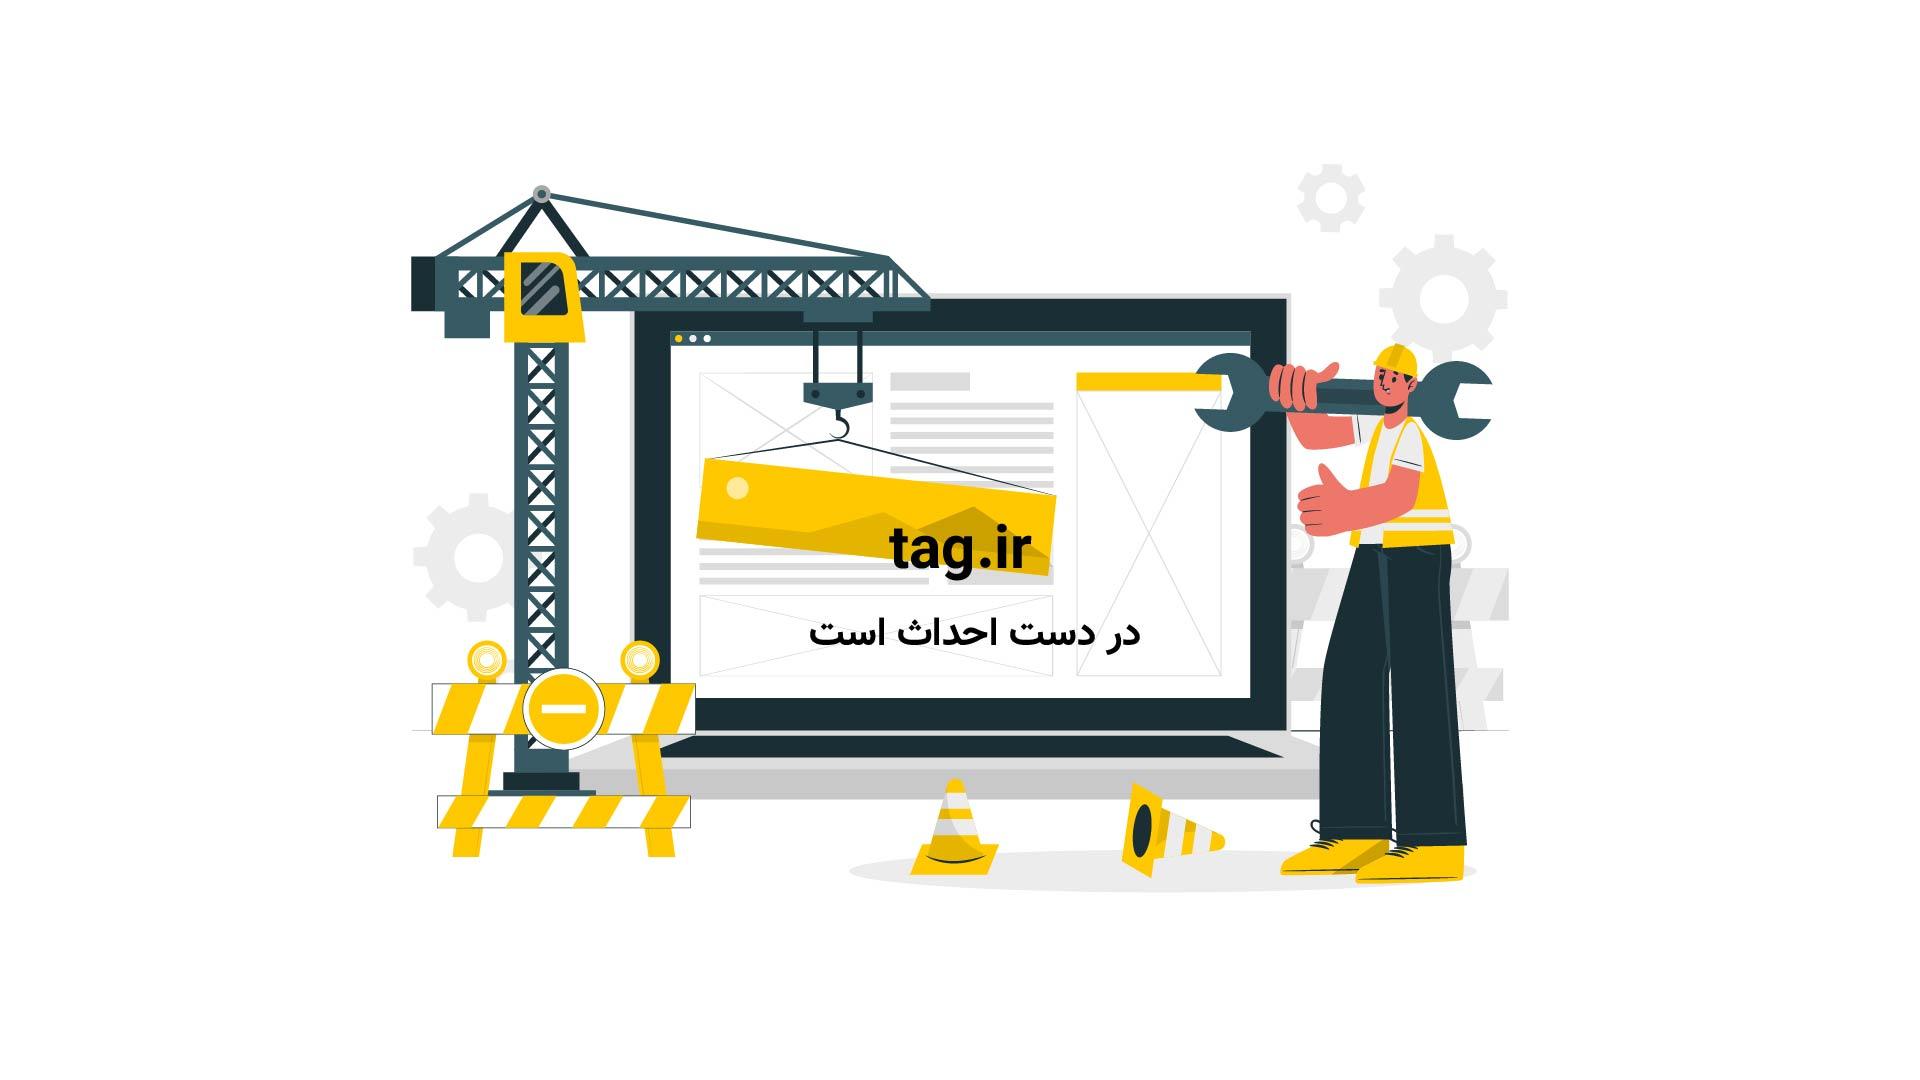 سعید عزت اللهی | تگ